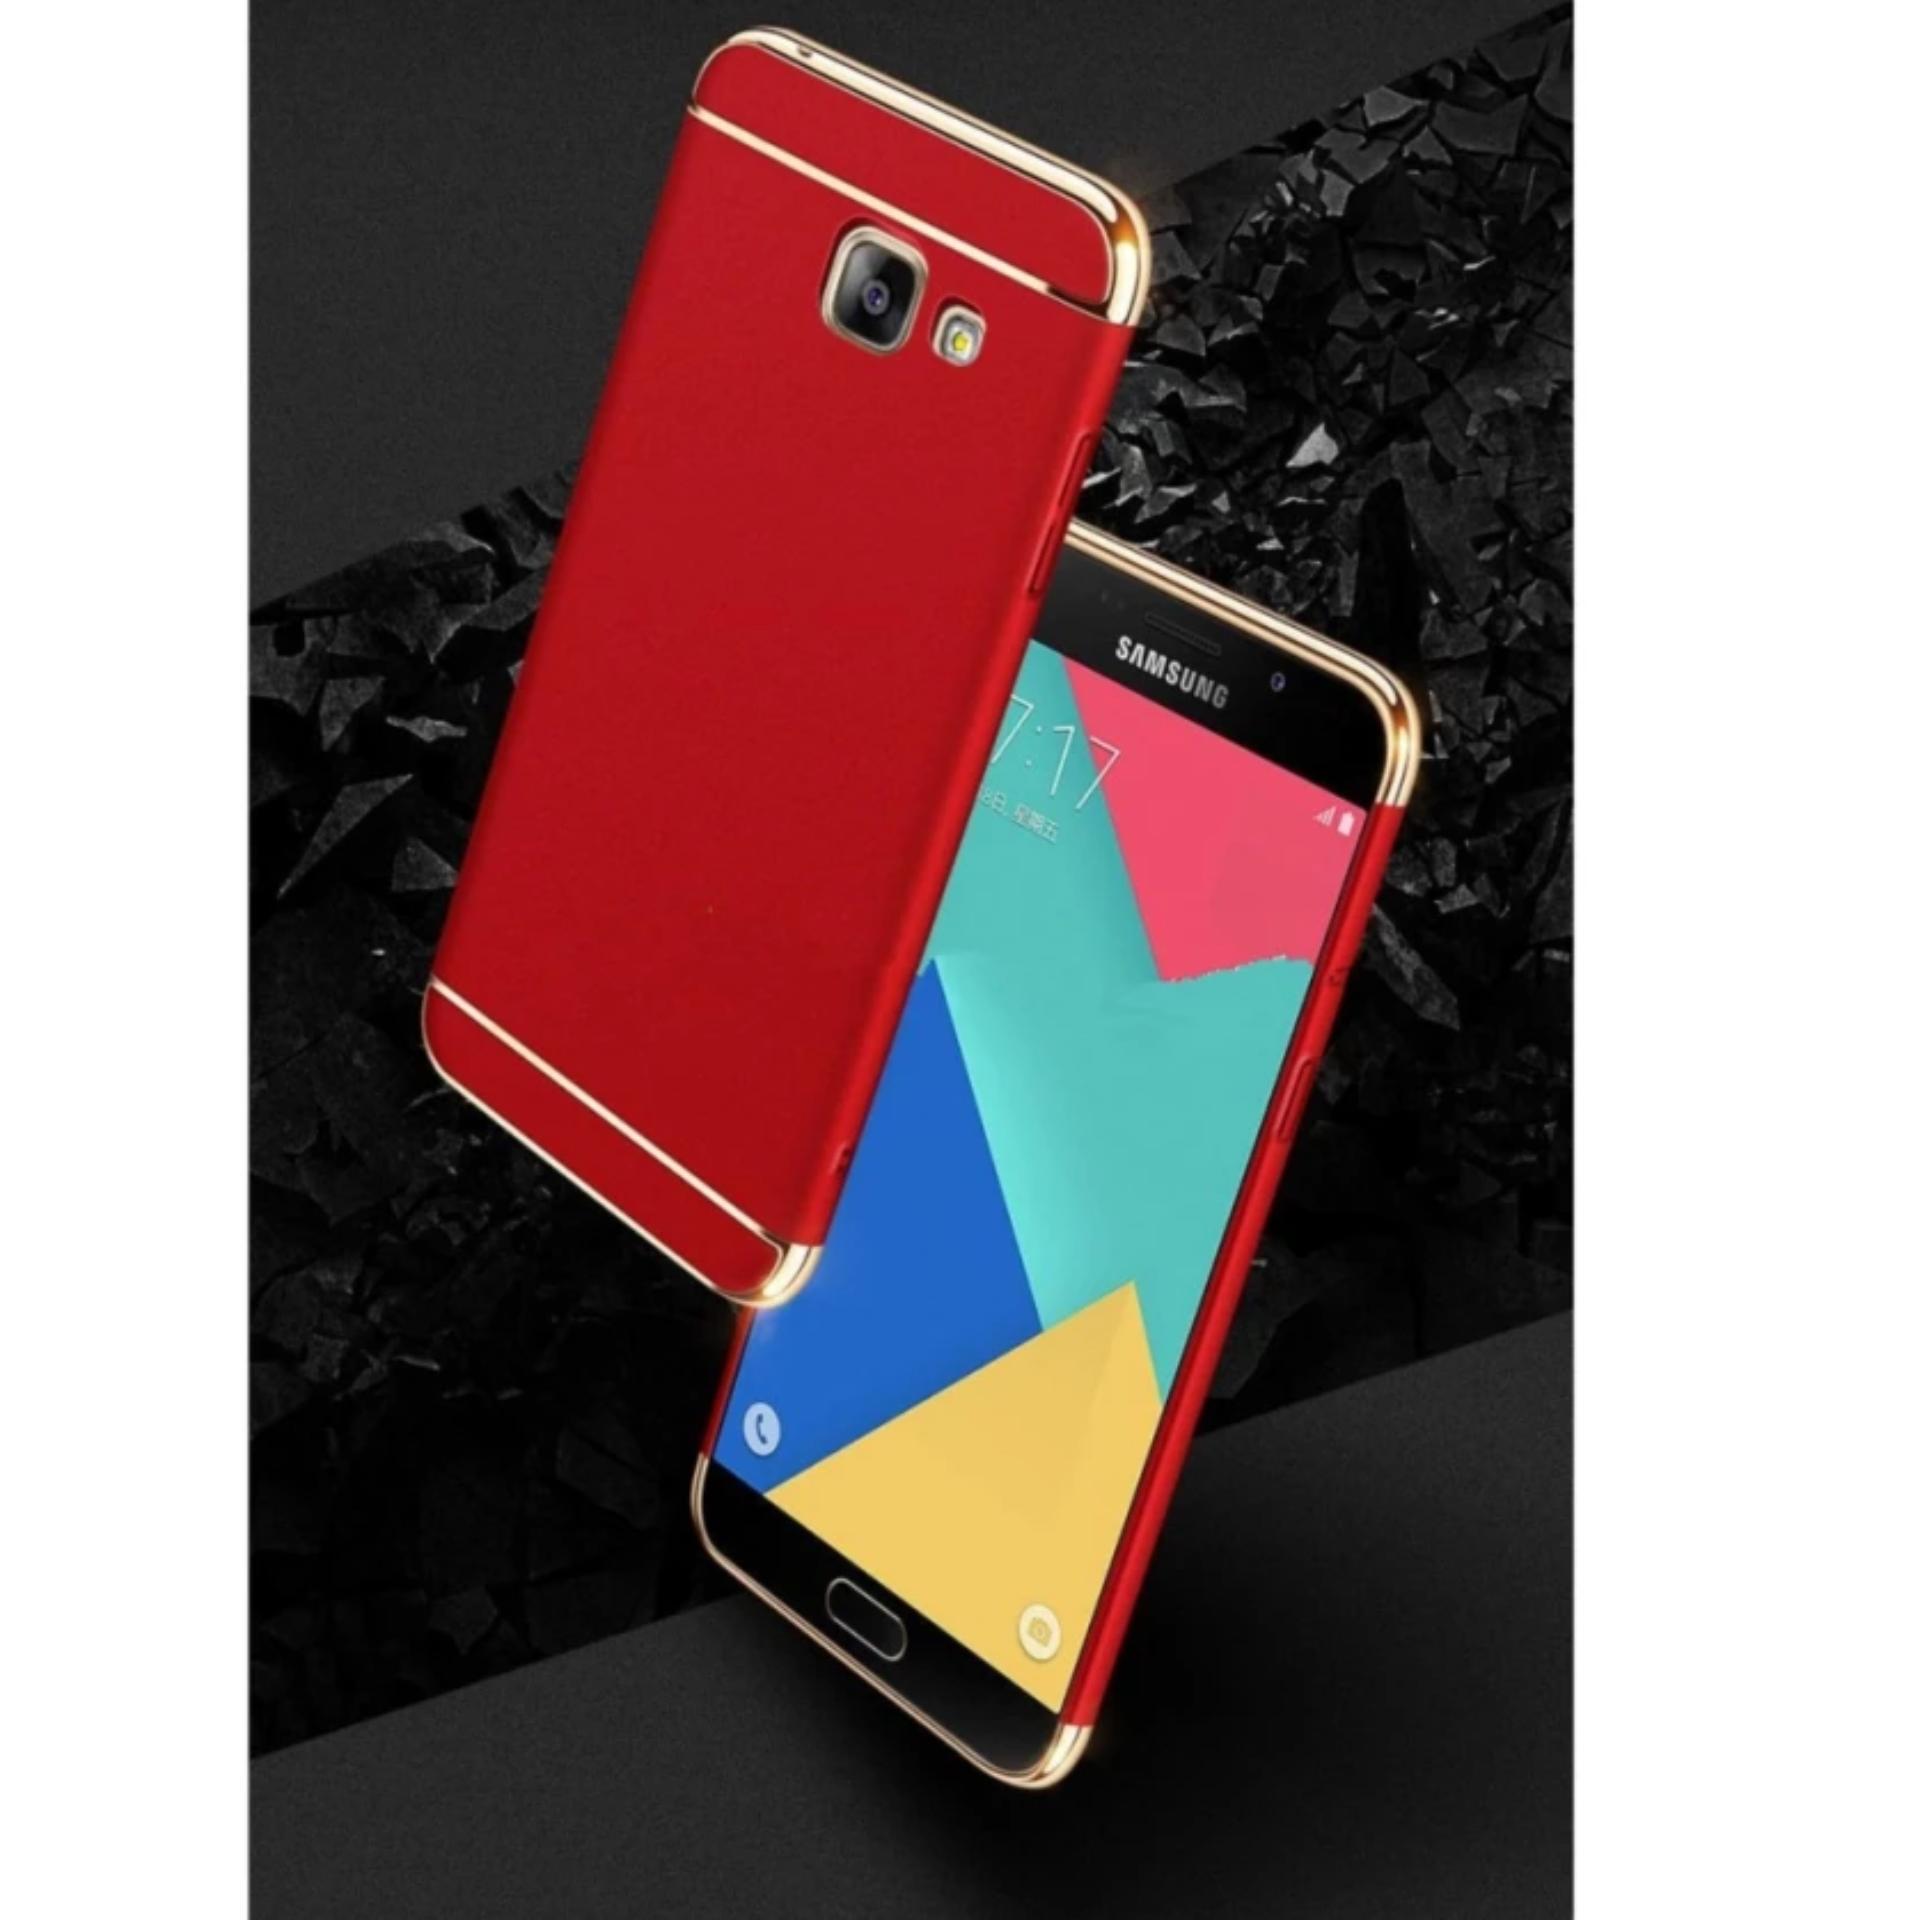 Ốp lưng 3 mảnh cho điện thoại Samsung Galaxy A3 2017 - Hàng nhập khẩu